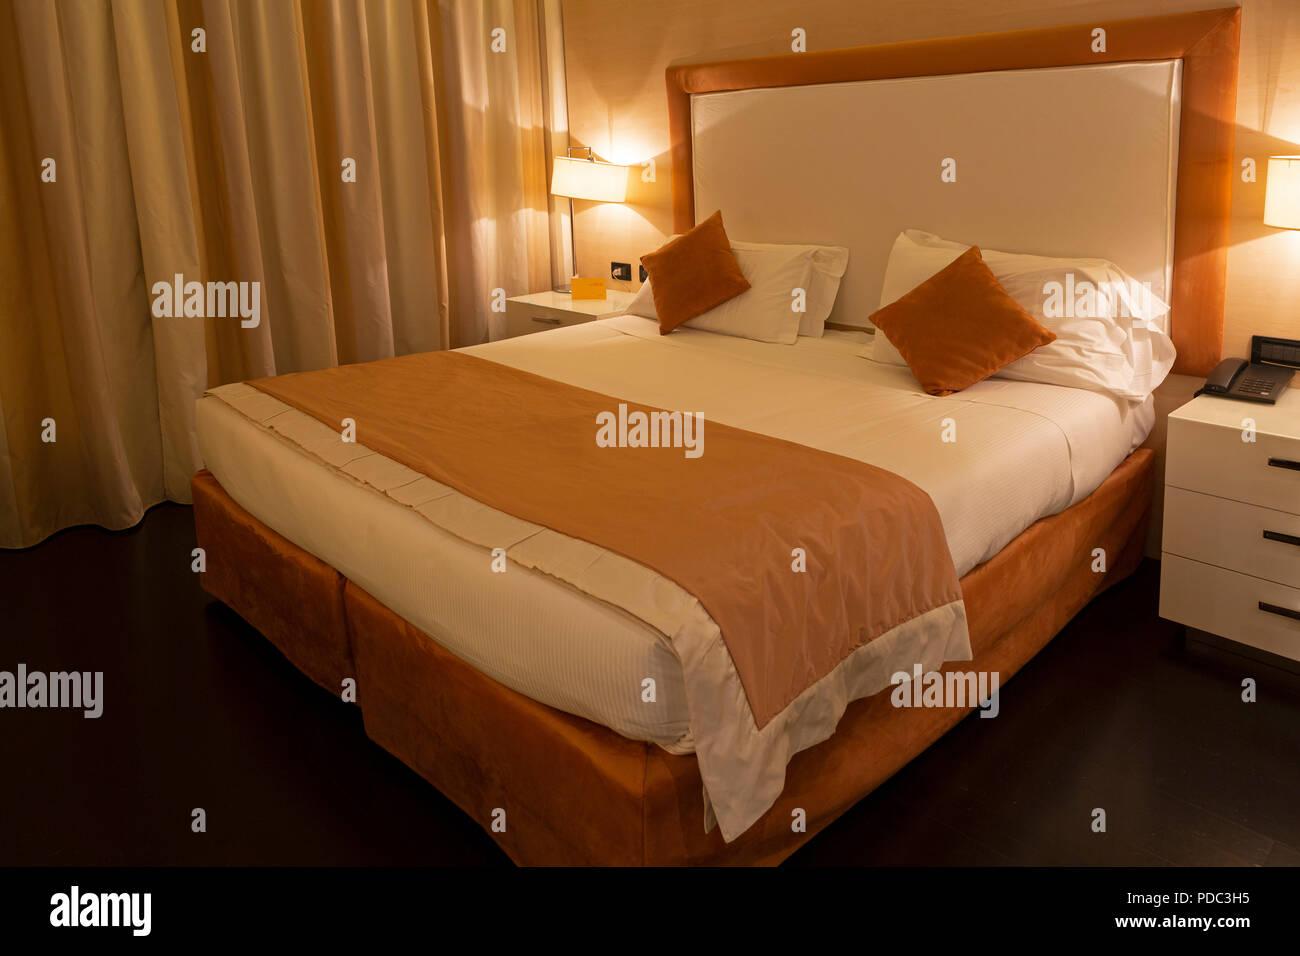 Camere Da Letto Moderne Mantova.Camera Da Letto In Hotel La Favorita Di Mantova Italia La